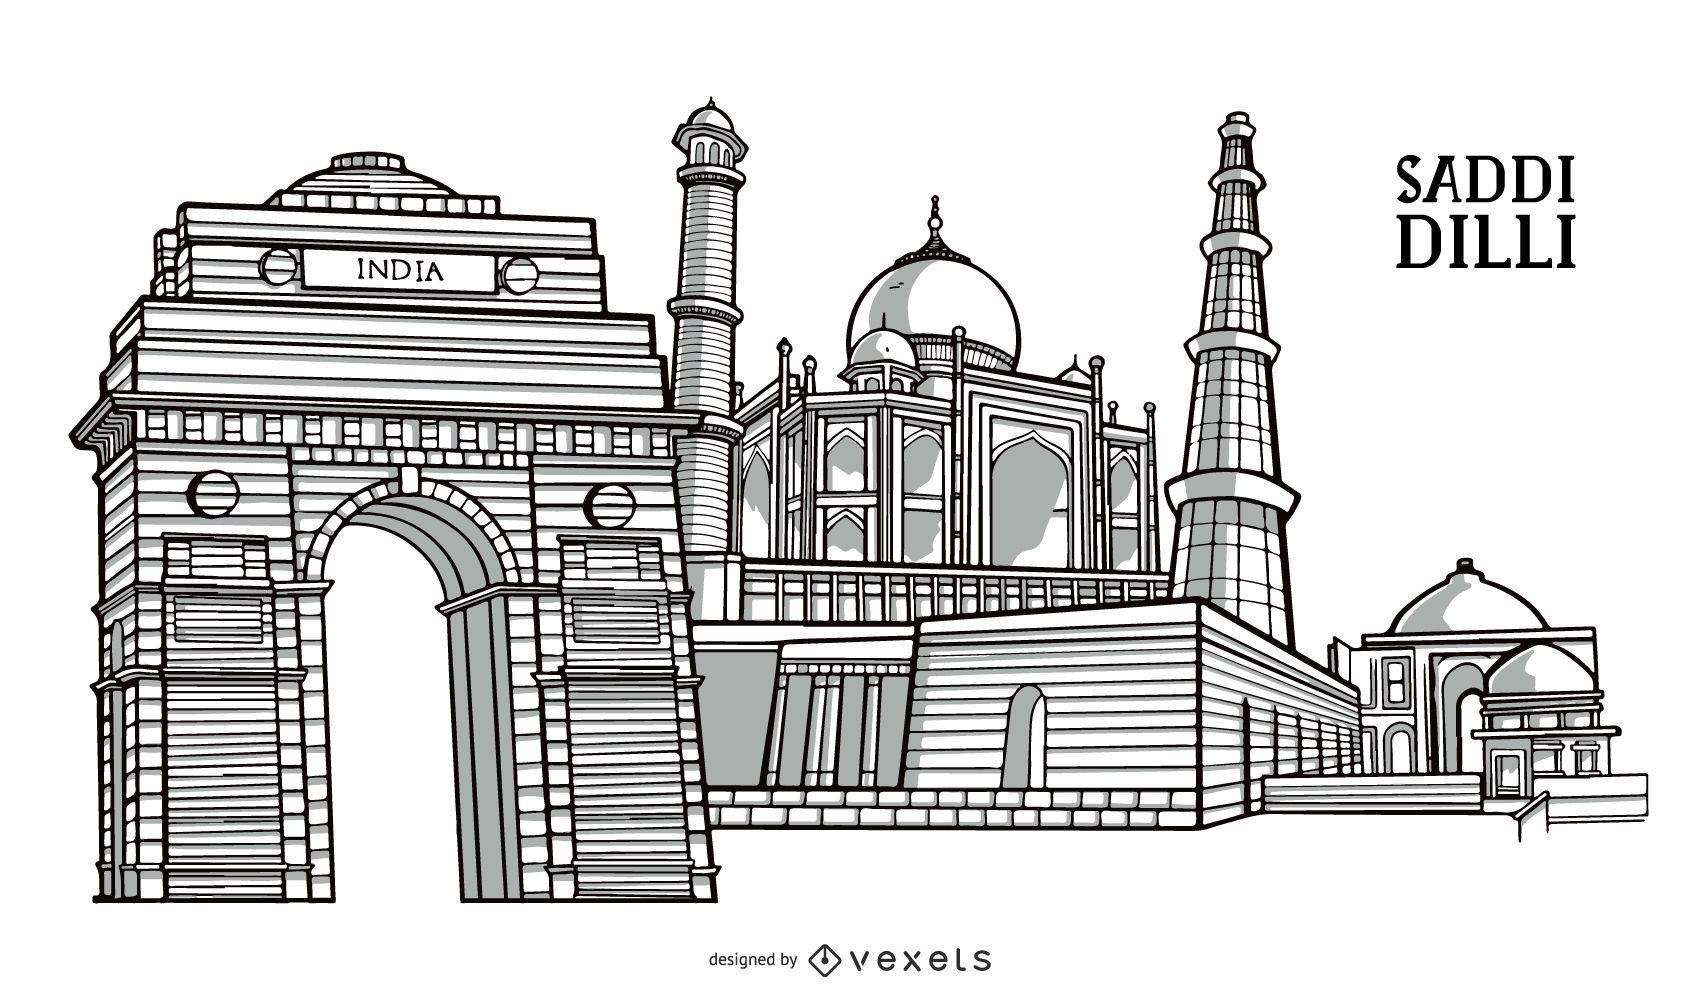 Diseño emblemático del edificio de la ciudad de Delhi